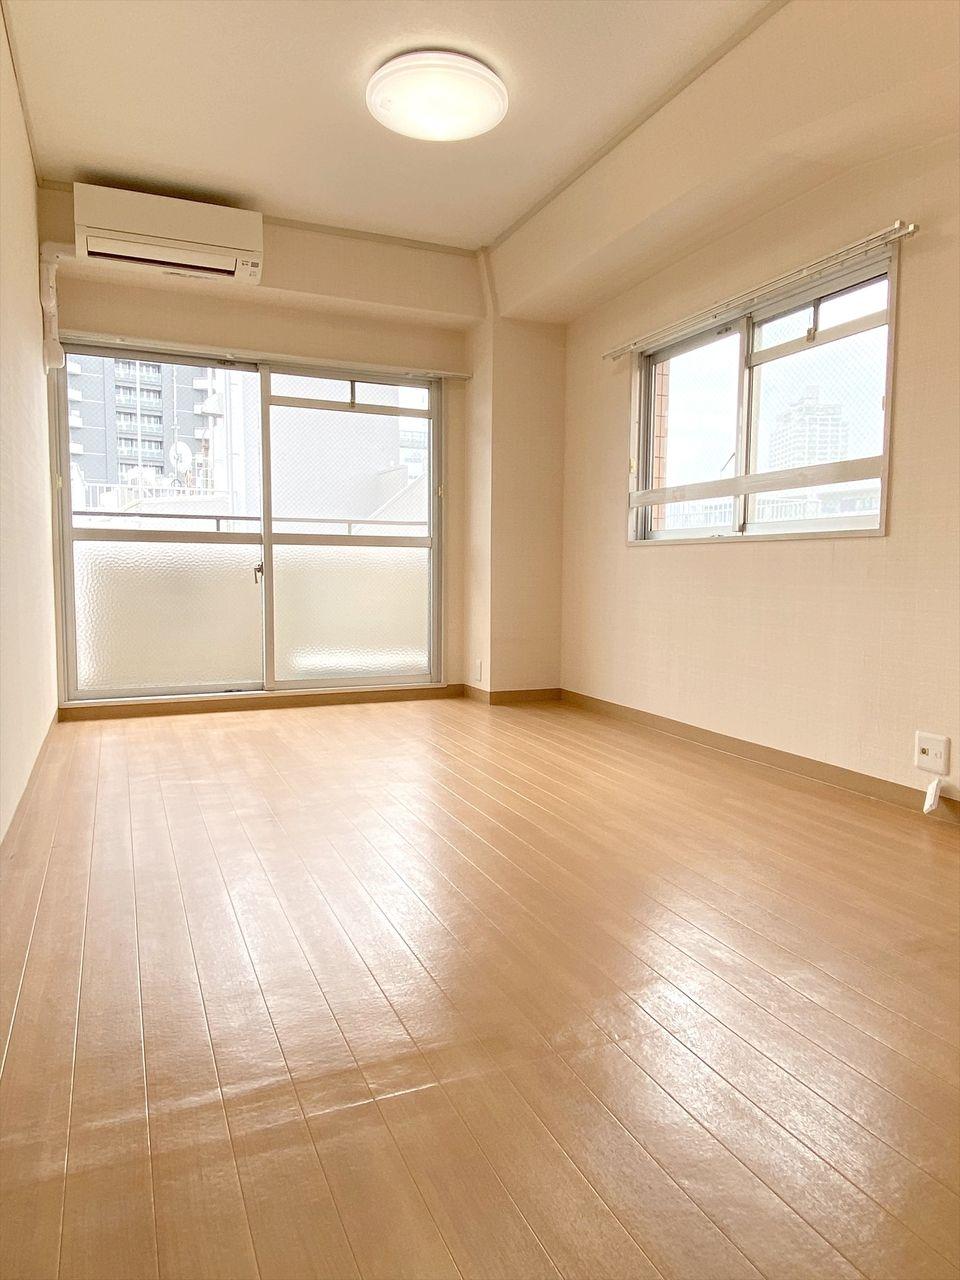 池袋の賃貸マンション アゼリア青新ビル1103号室 再募集します